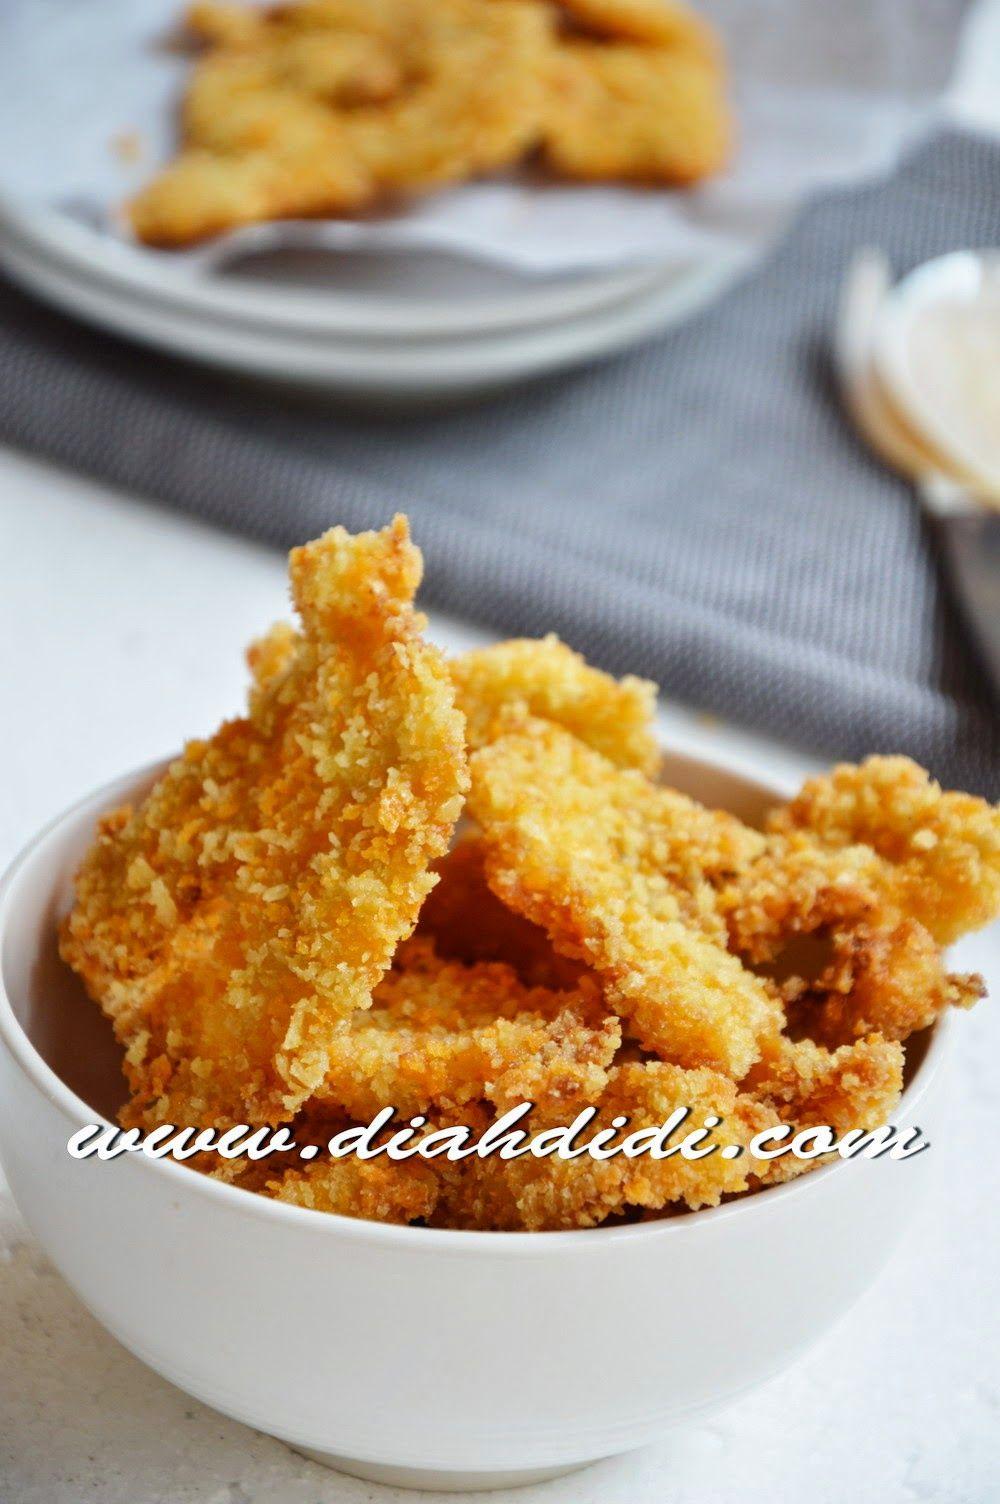 Resep Ayam Fillet Tepung : resep, fillet, tepung, Resepi, Fillet, Panir, Pawtaste.com